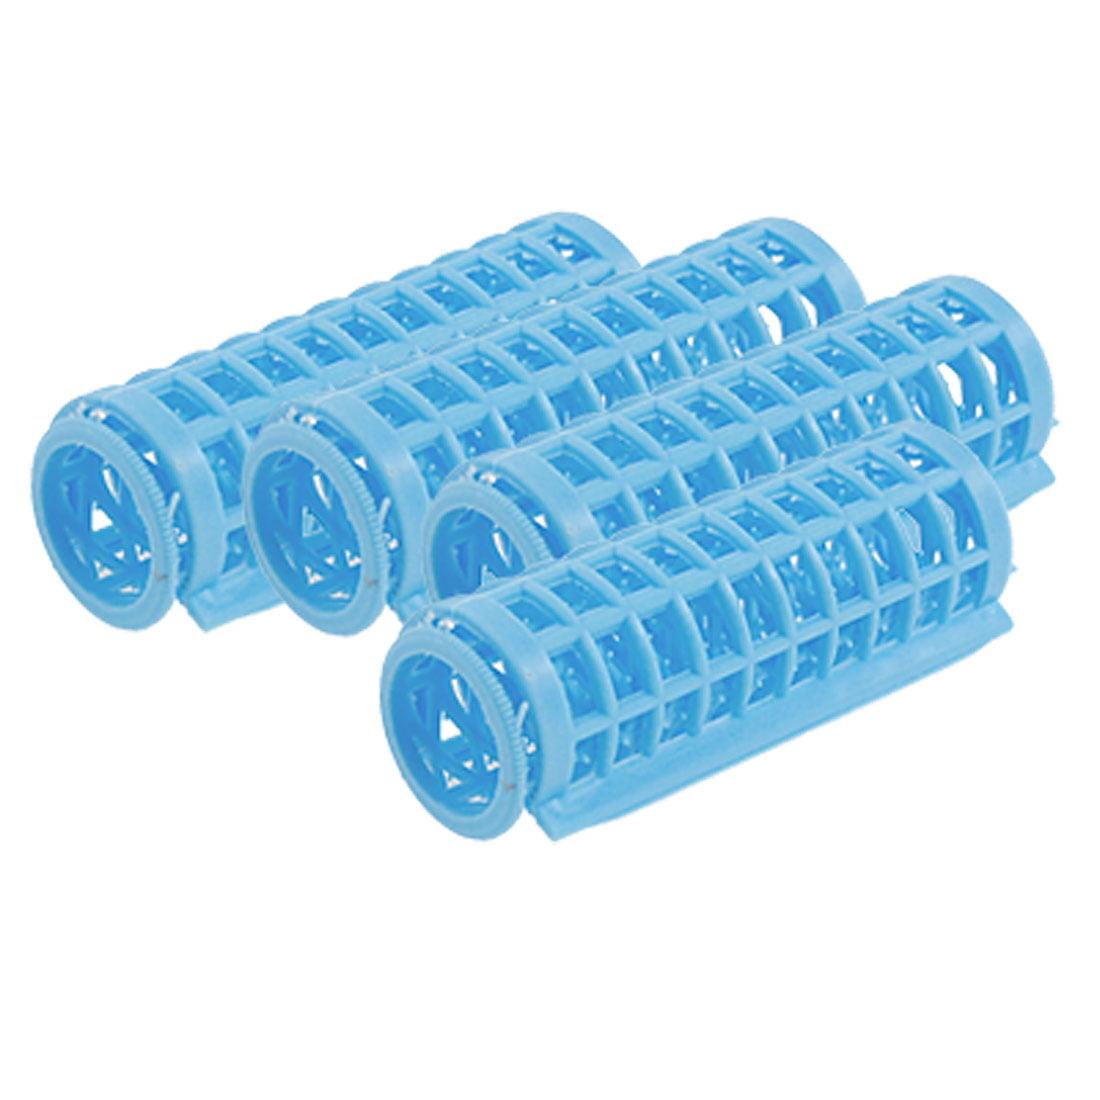 4 Pcs Blue Plastic Hair Roller Curler Hairdressing Tool